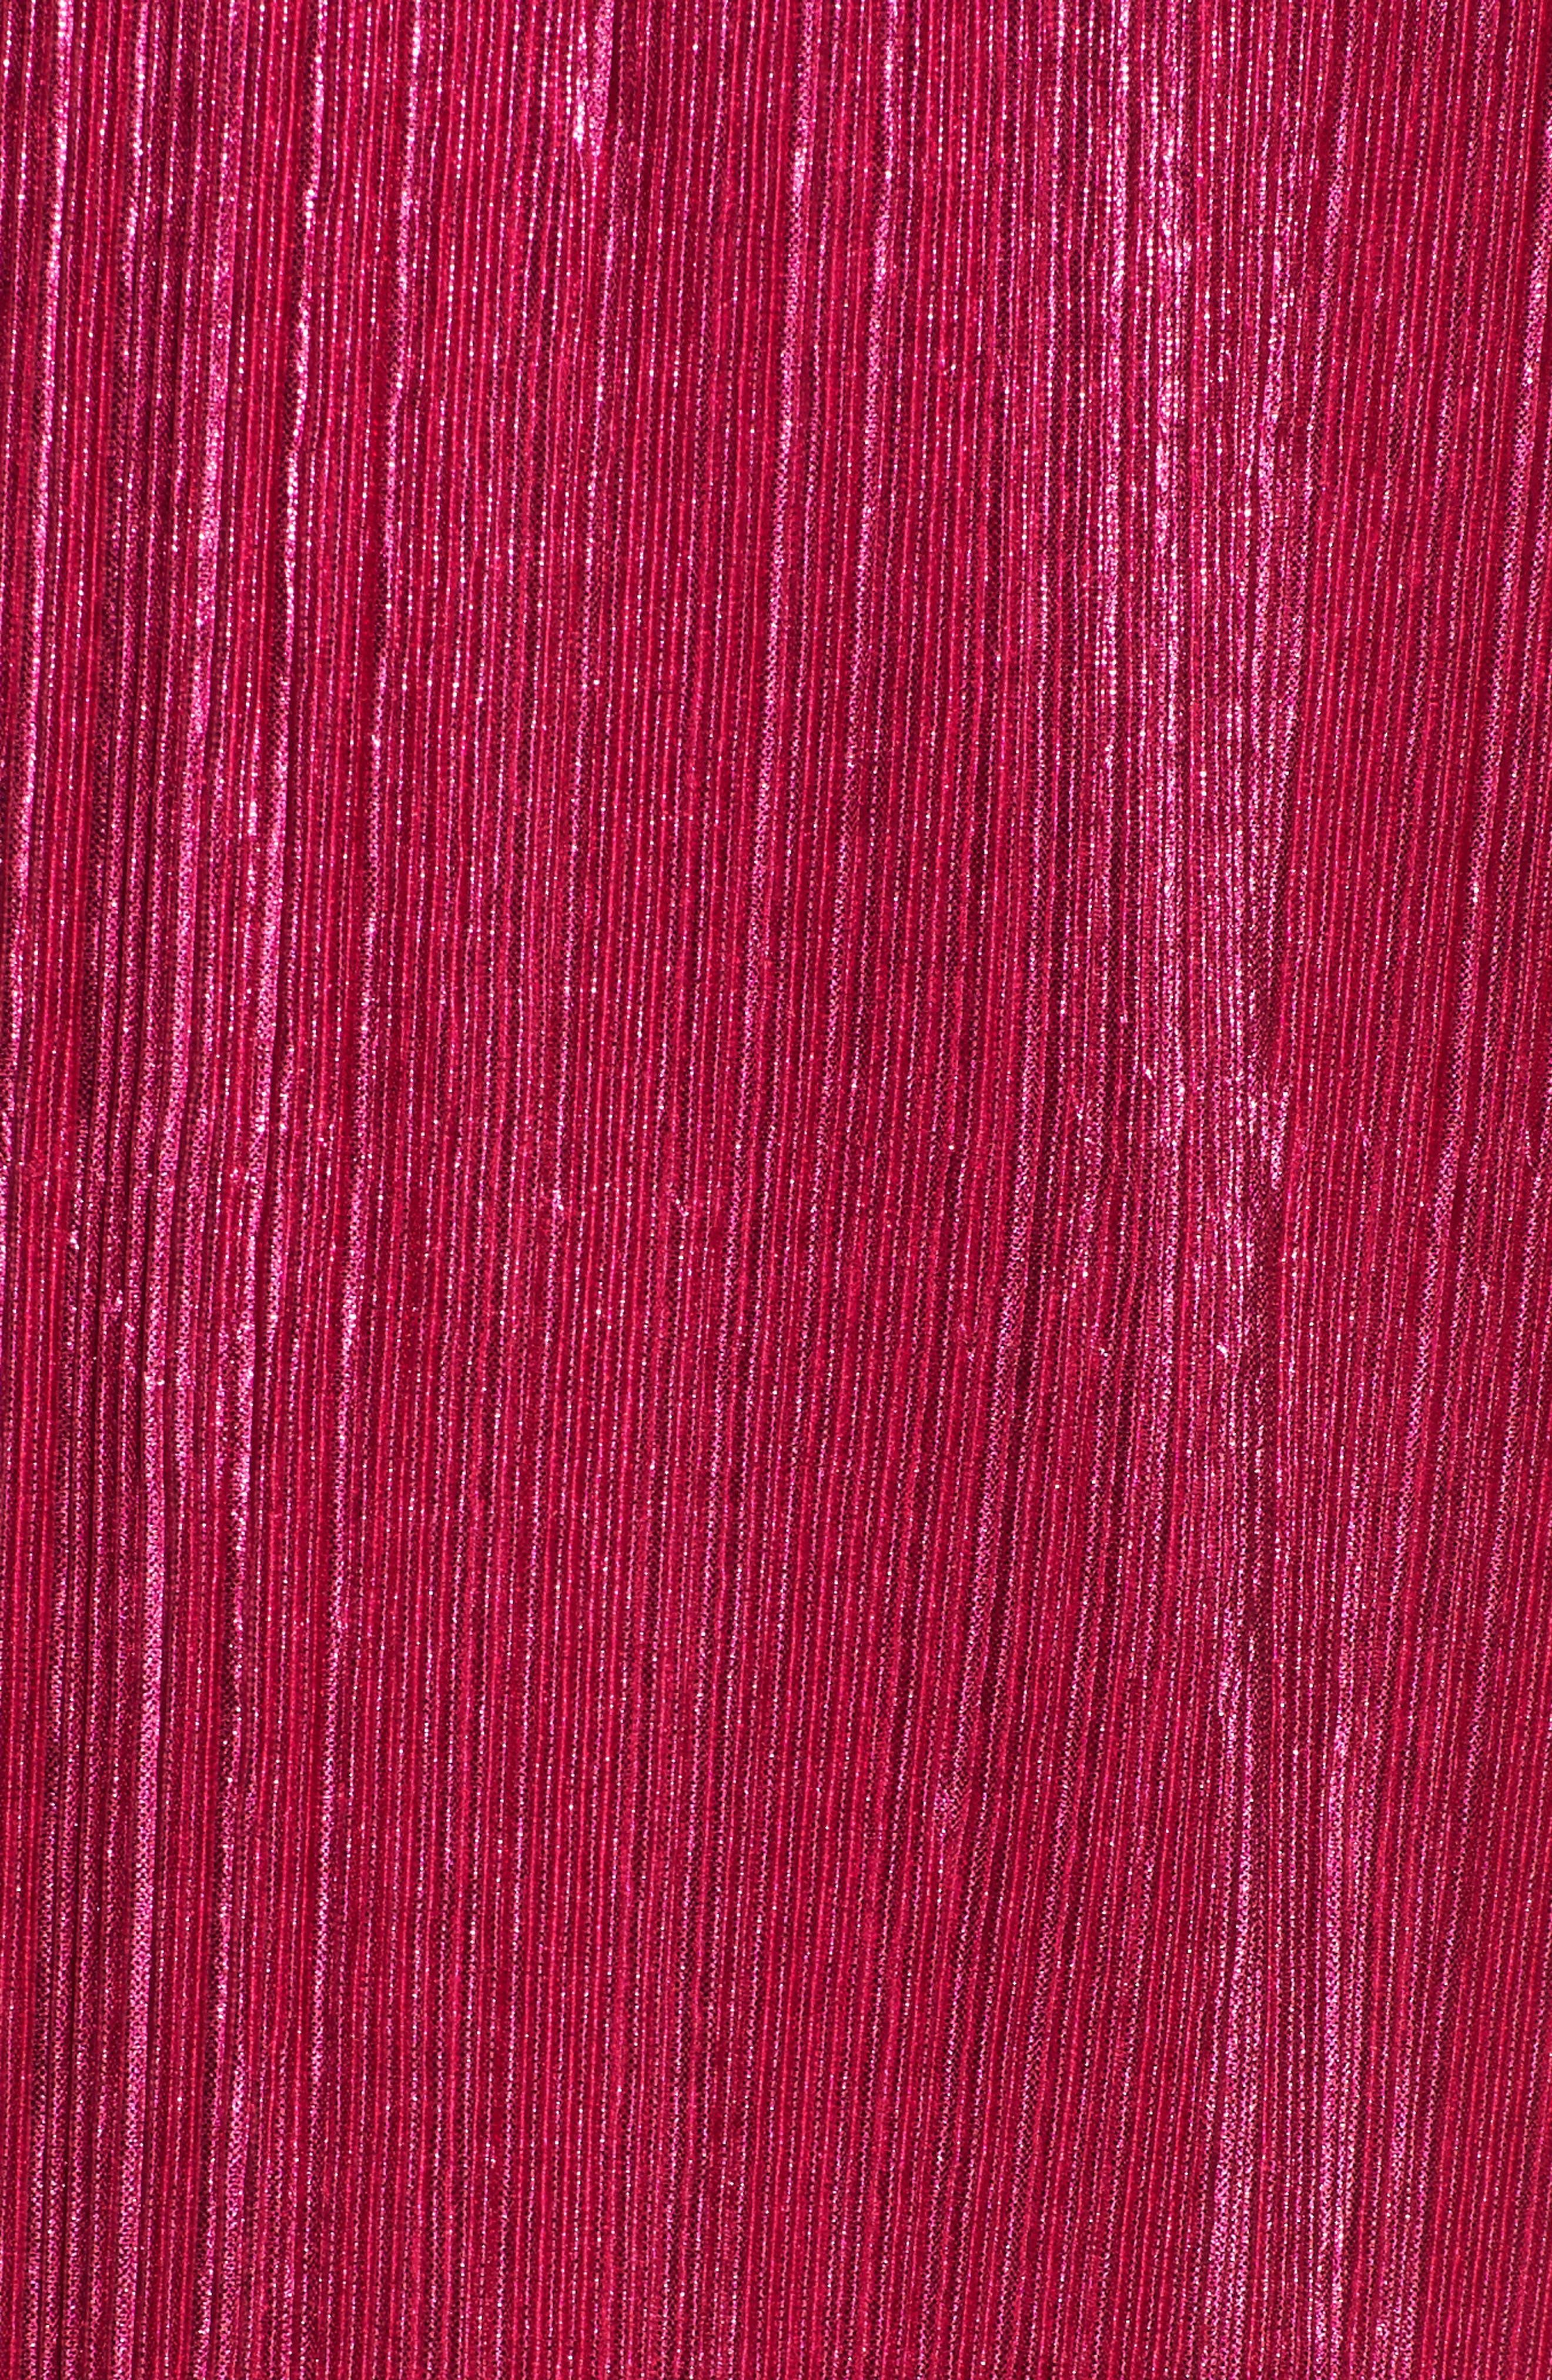 Marion Midi Skirt,                             Alternate thumbnail 5, color,                             650